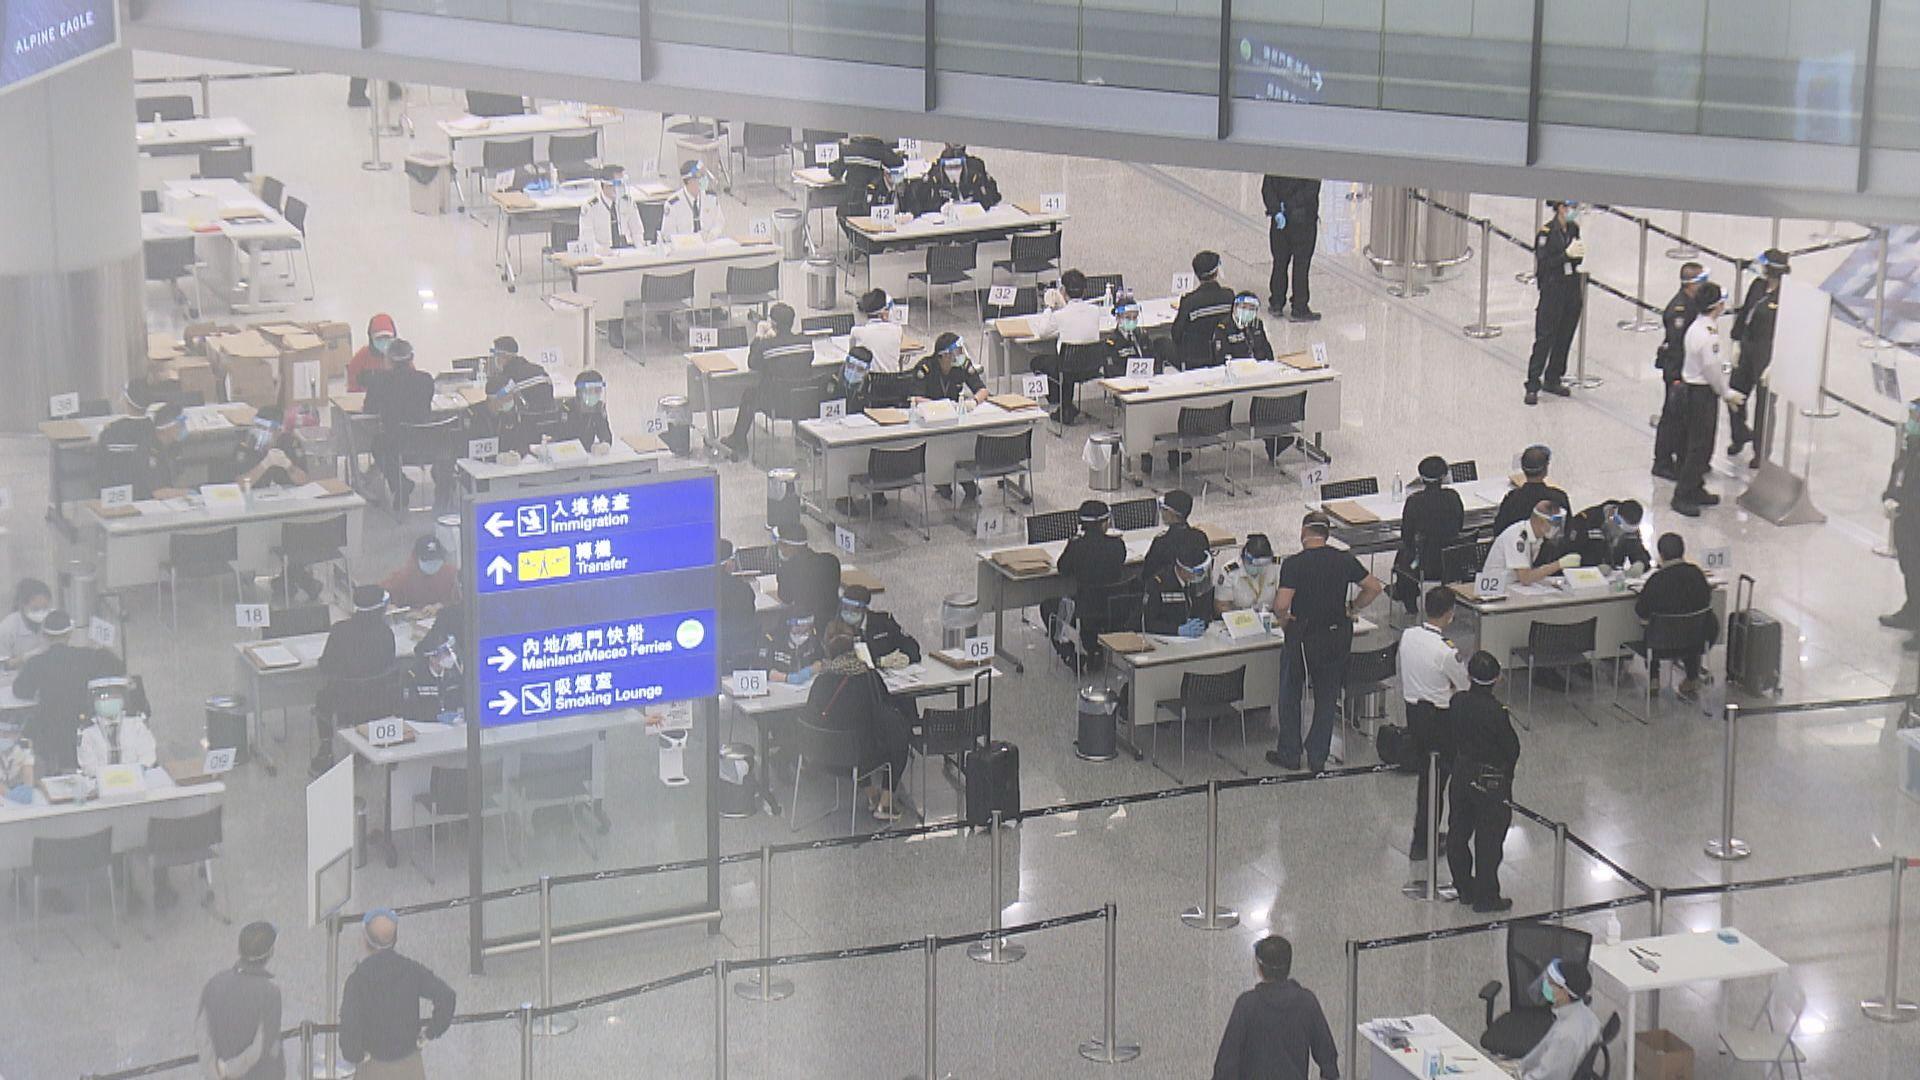 機場測試新核酸檢測及採樣方式 25個案檢測現差異